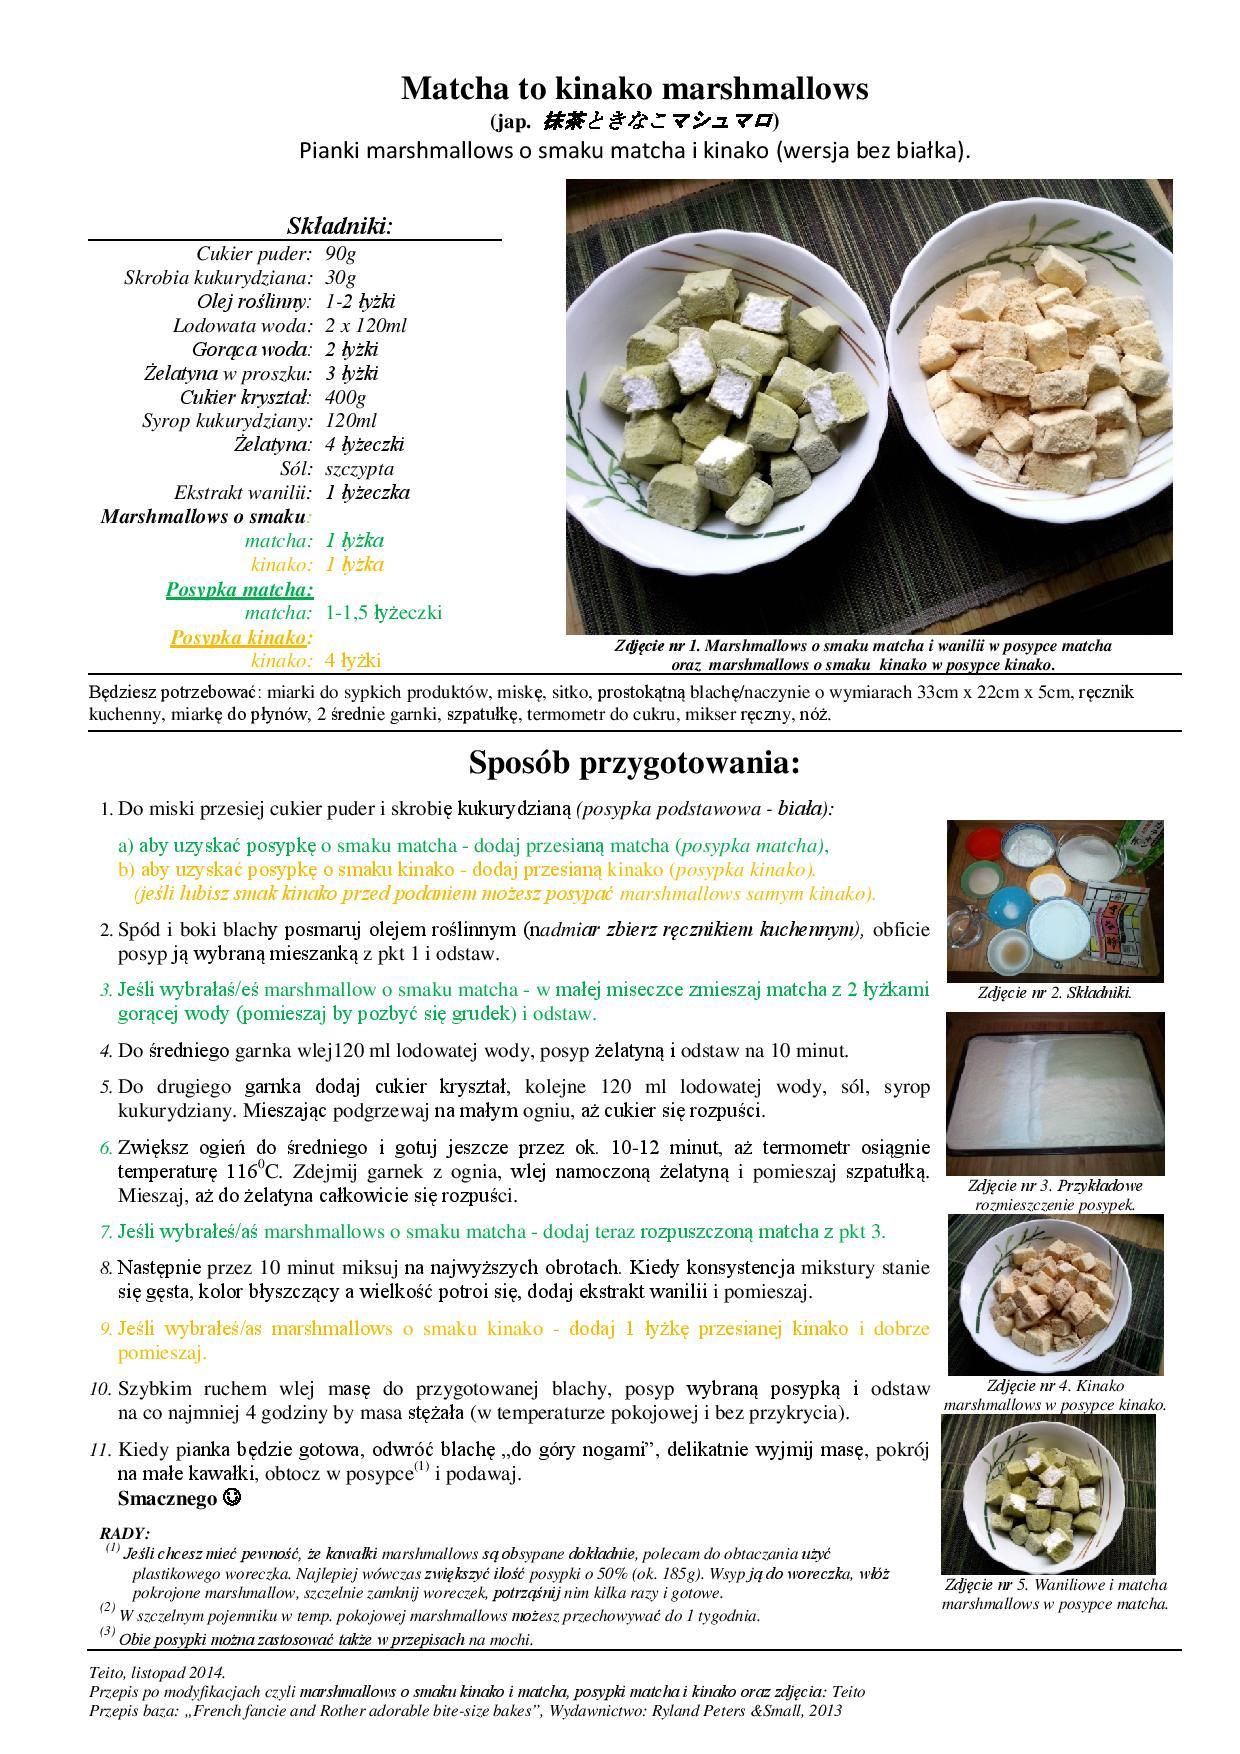 MatchaToKinakoMarshmallows2015_01_08-page-001